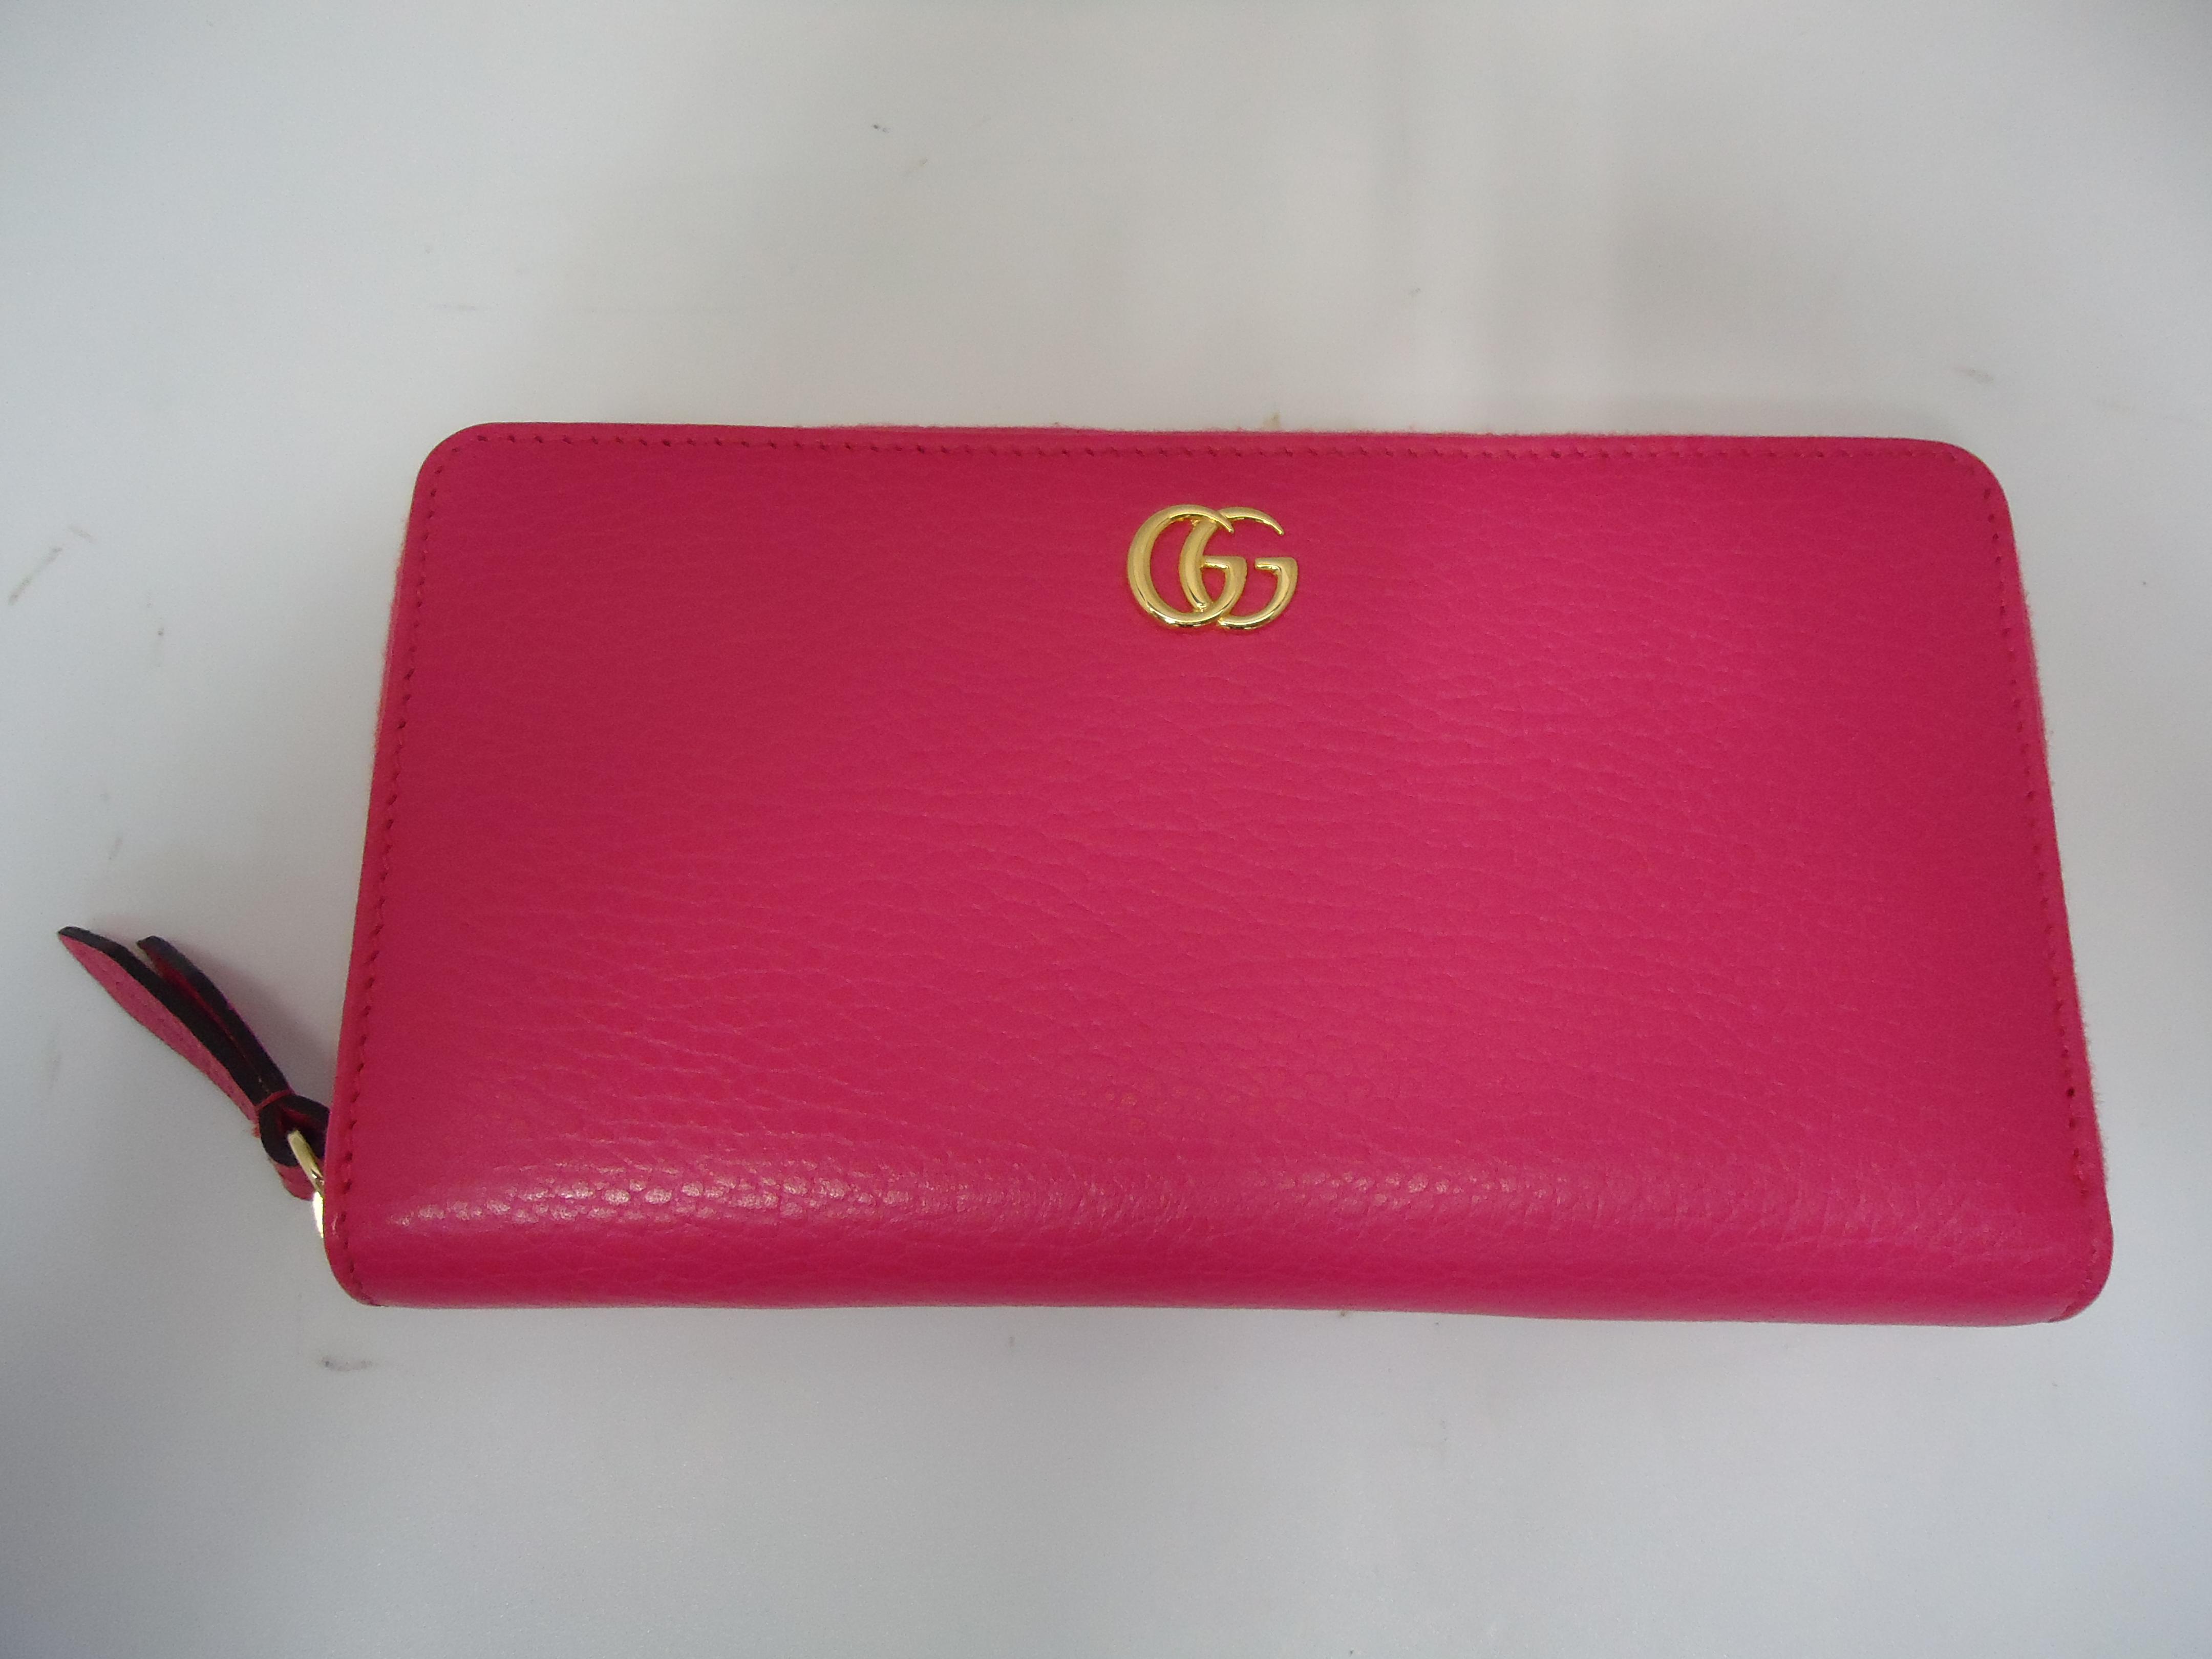 dad34be6dc99 店頭買取にてグッチより発売されている 【GGマーモント長財布 ピンク】456117のABランクをお買い取りしました。